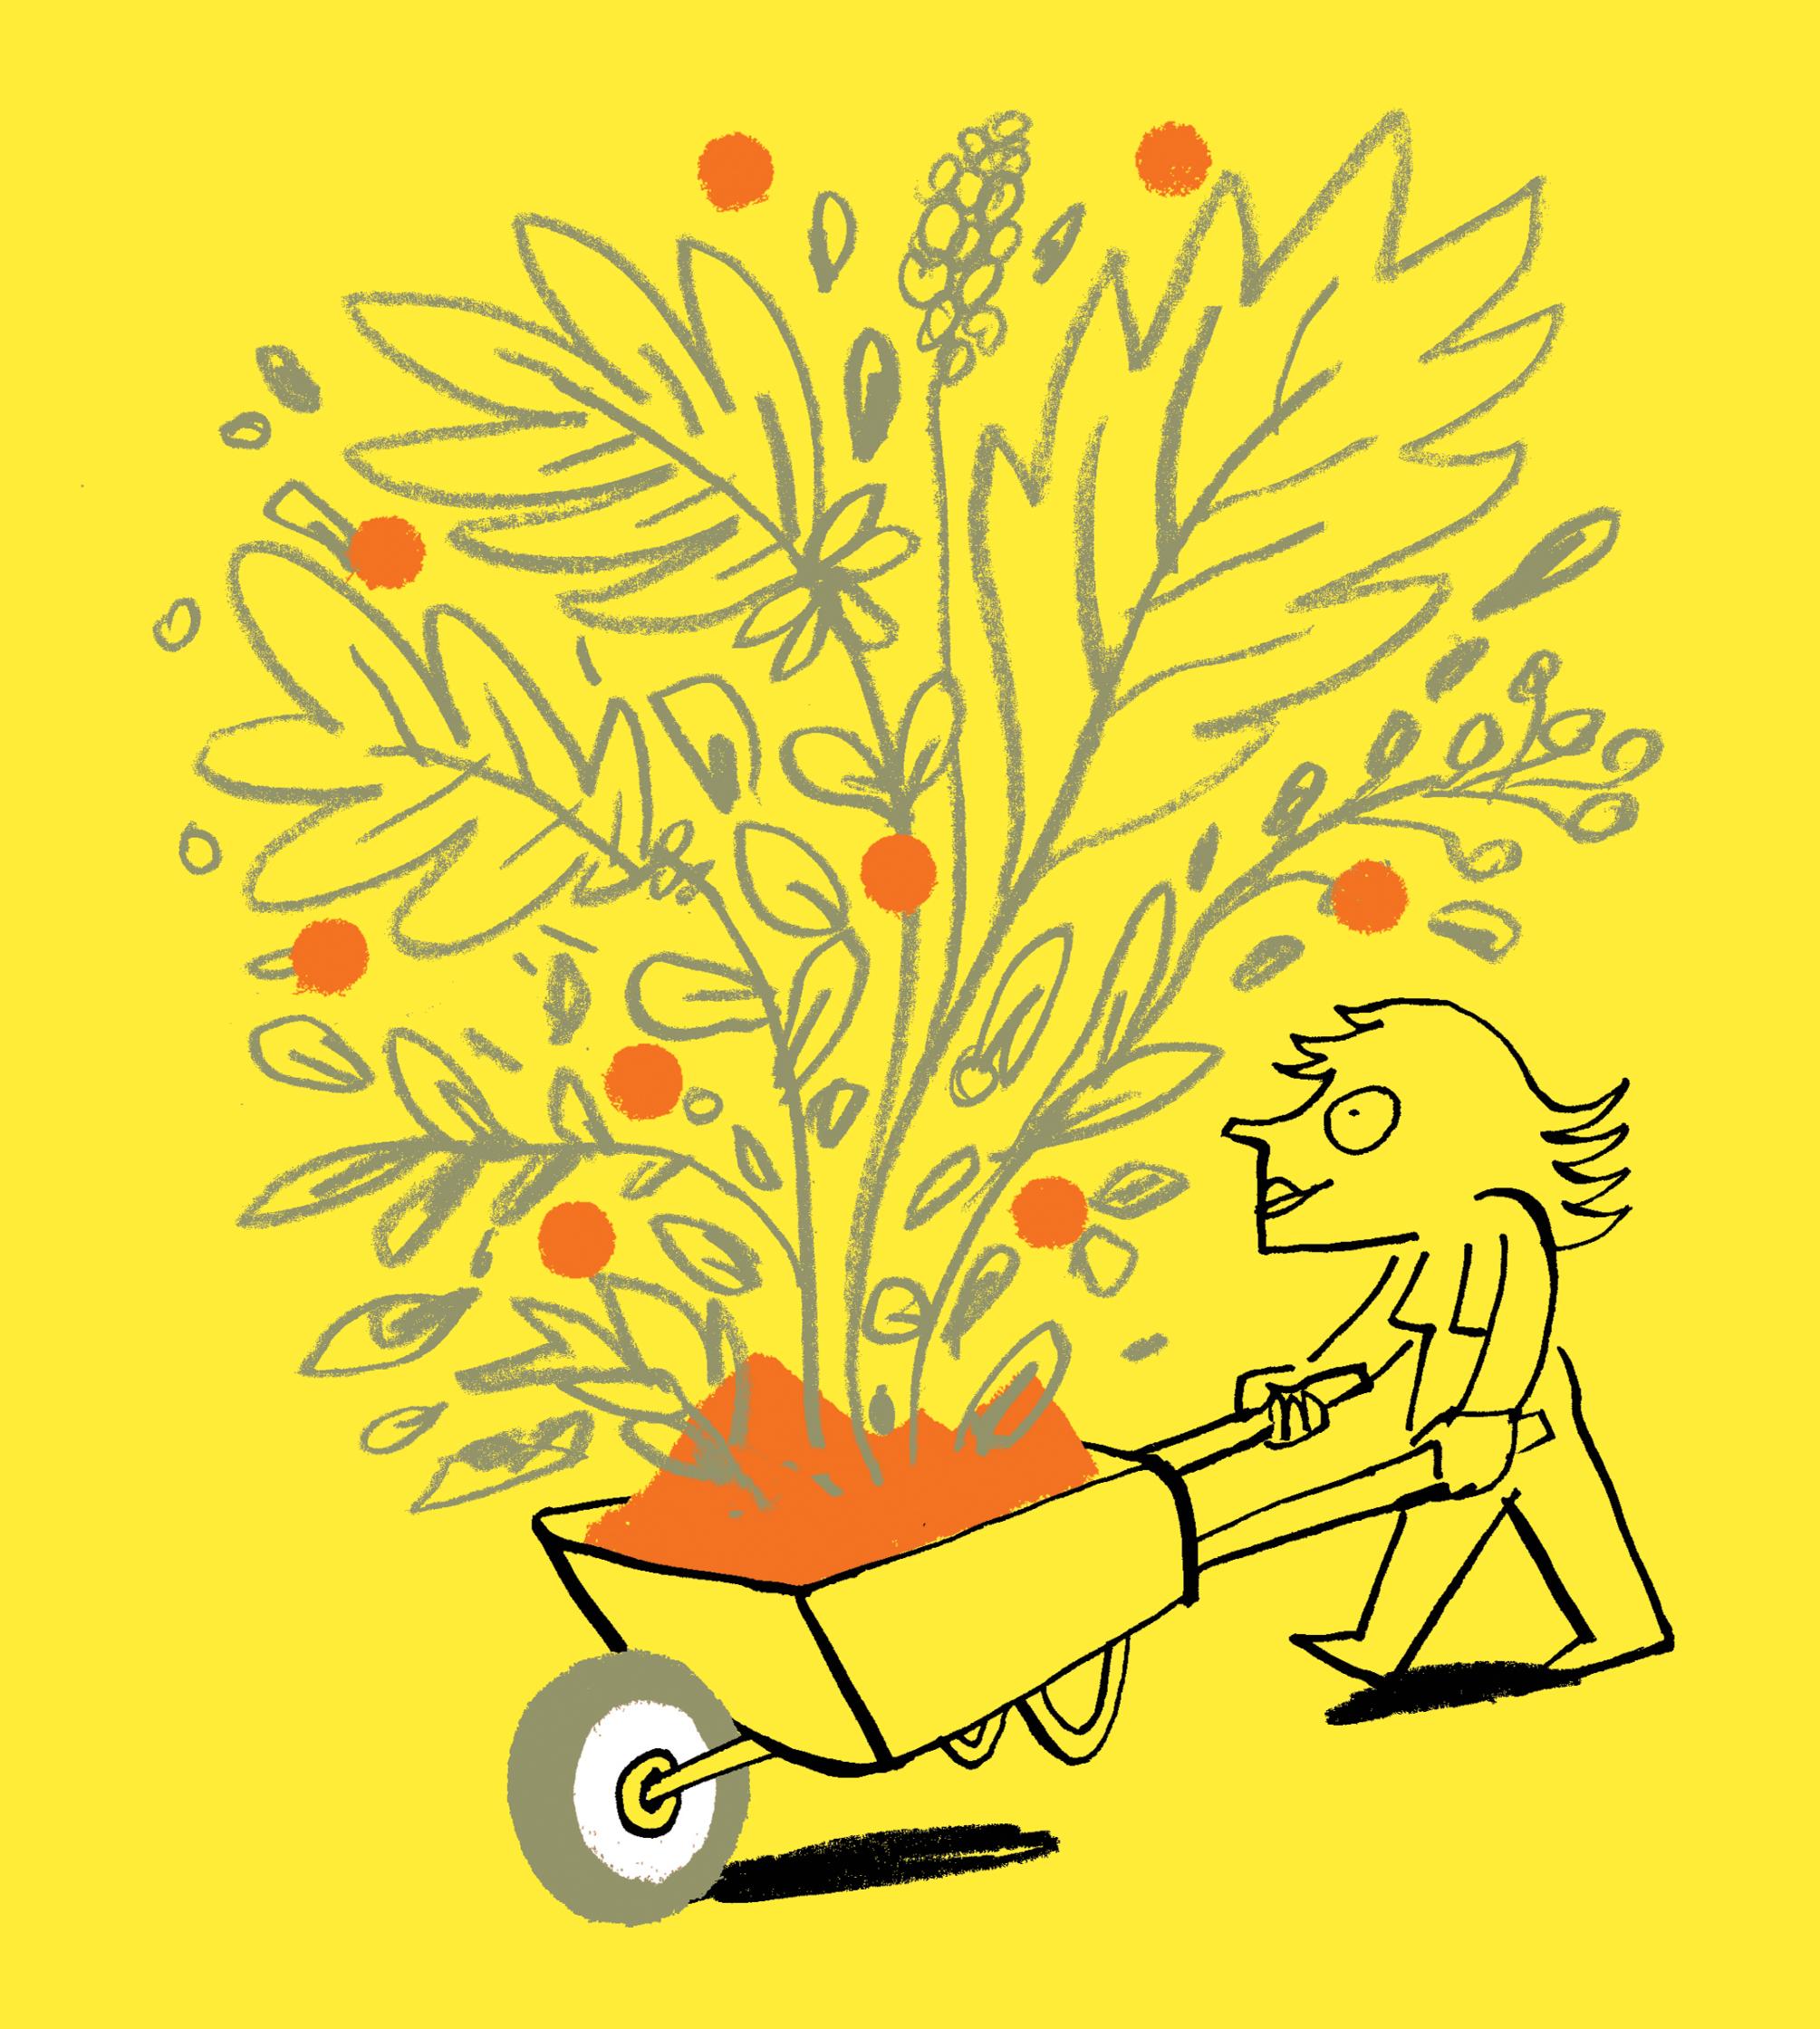 Streich-businesses-organic-gardening.jpg